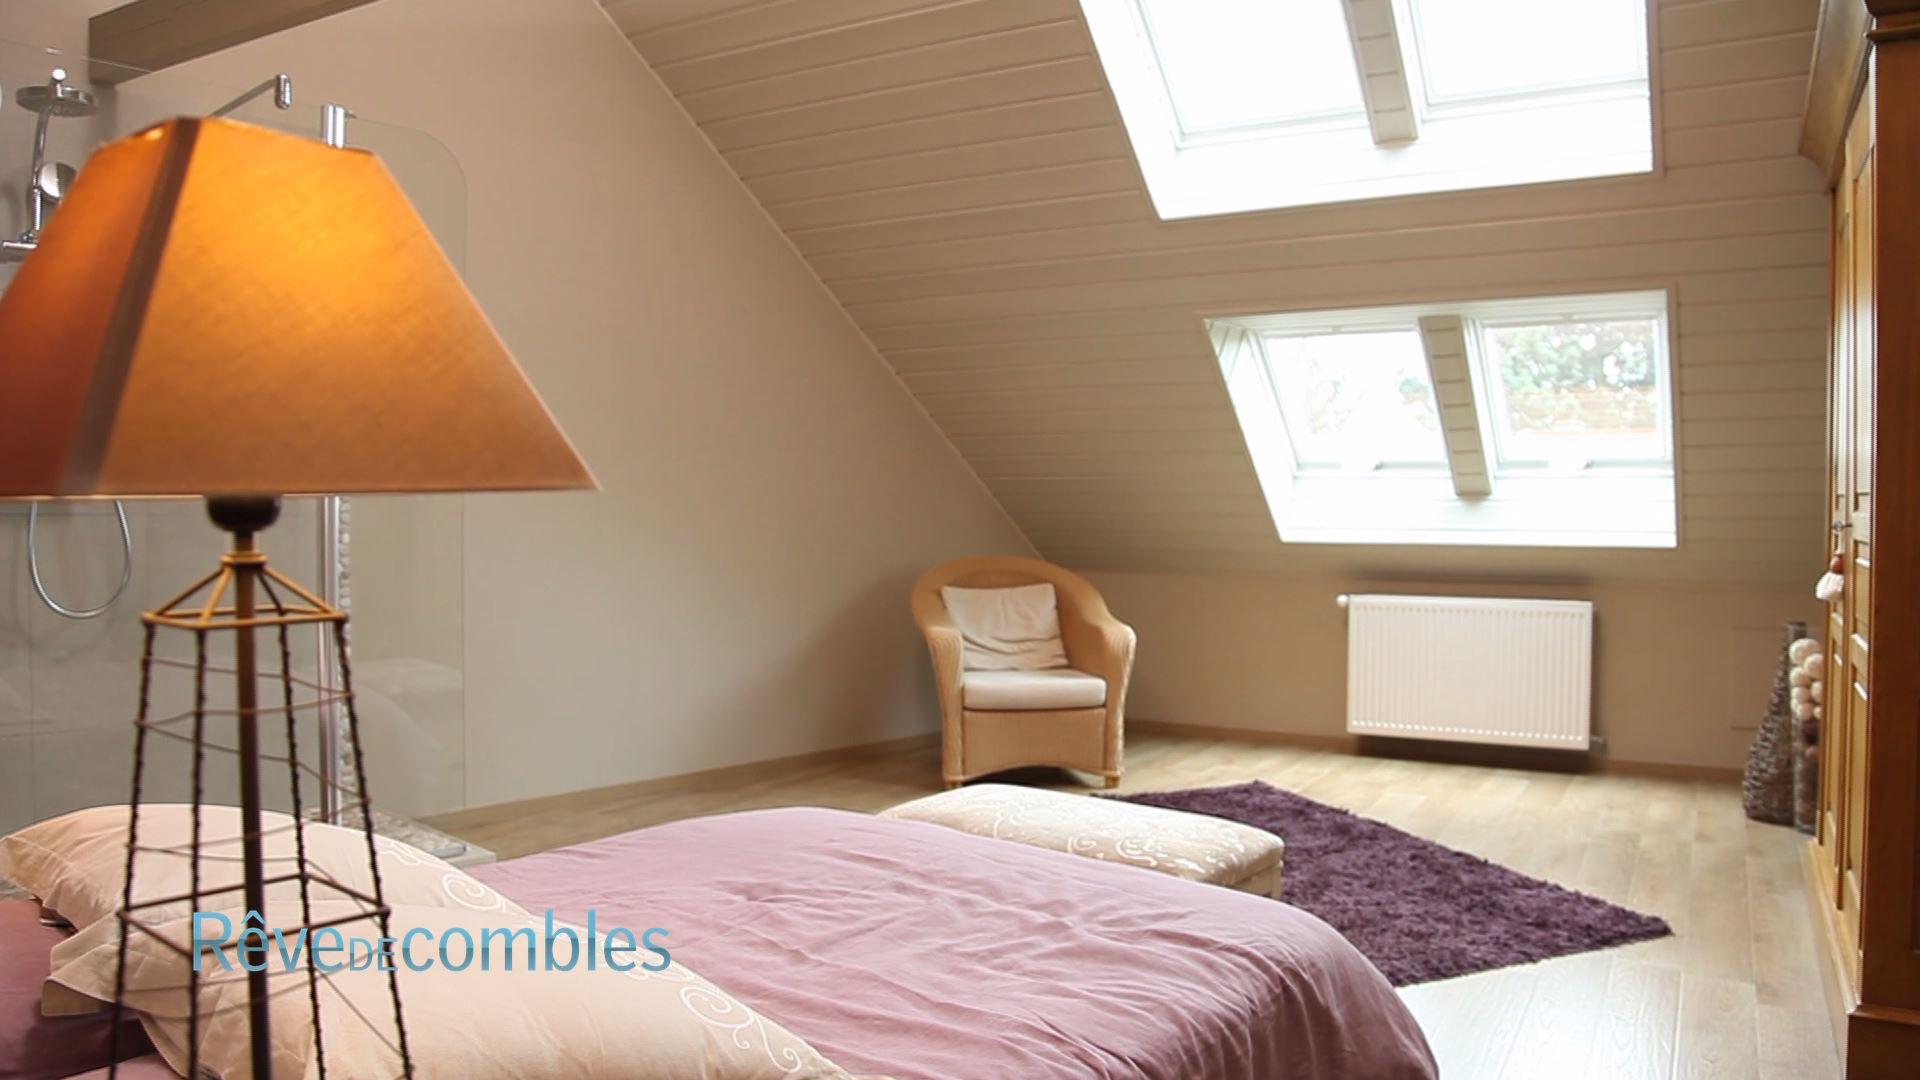 Deco Chambre Lambris Bois lambris et tapisserie - rêve de combles